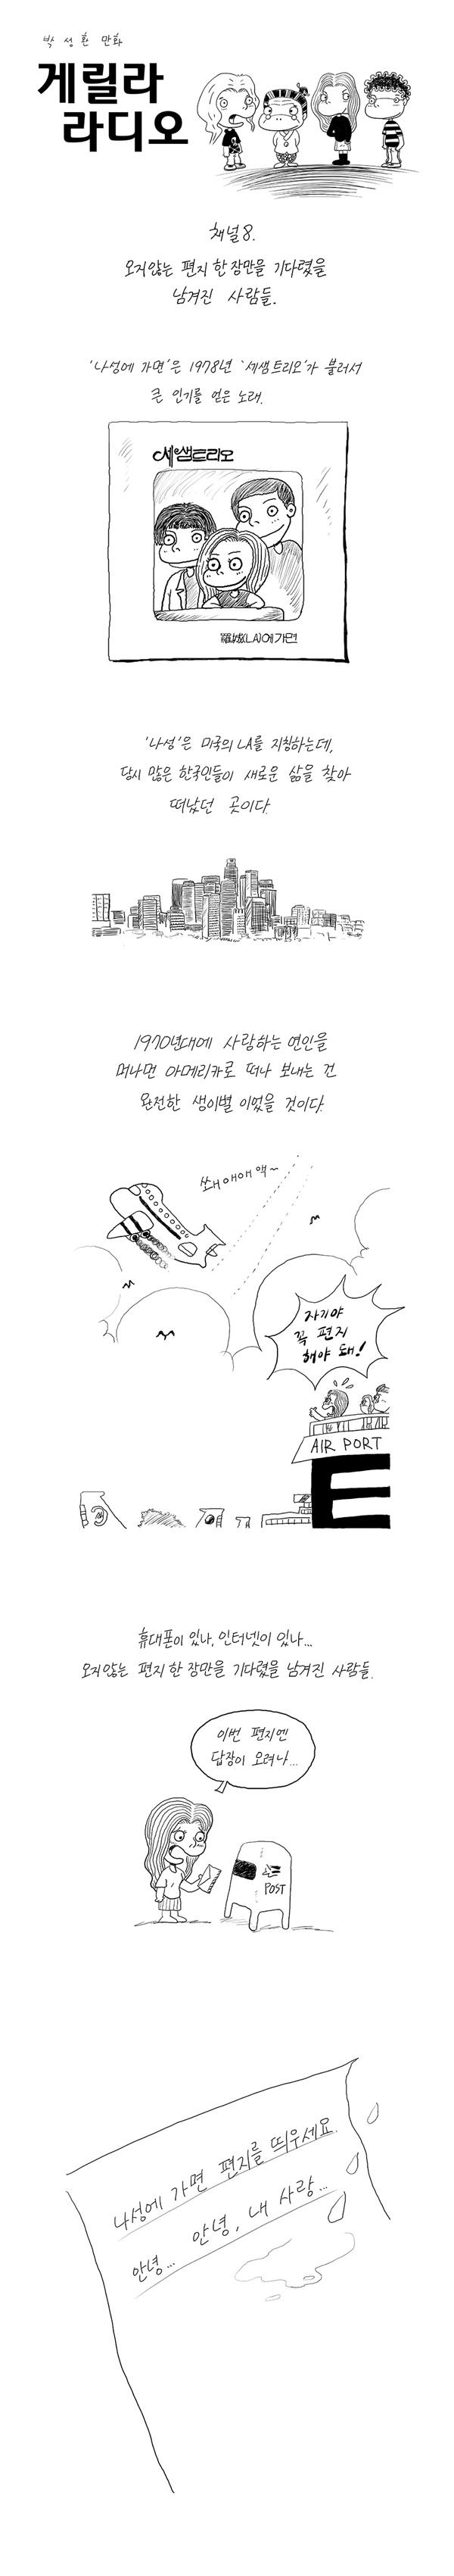 세샘트리오의 노래 '나성에 가면'으로 본 시대의 애환.